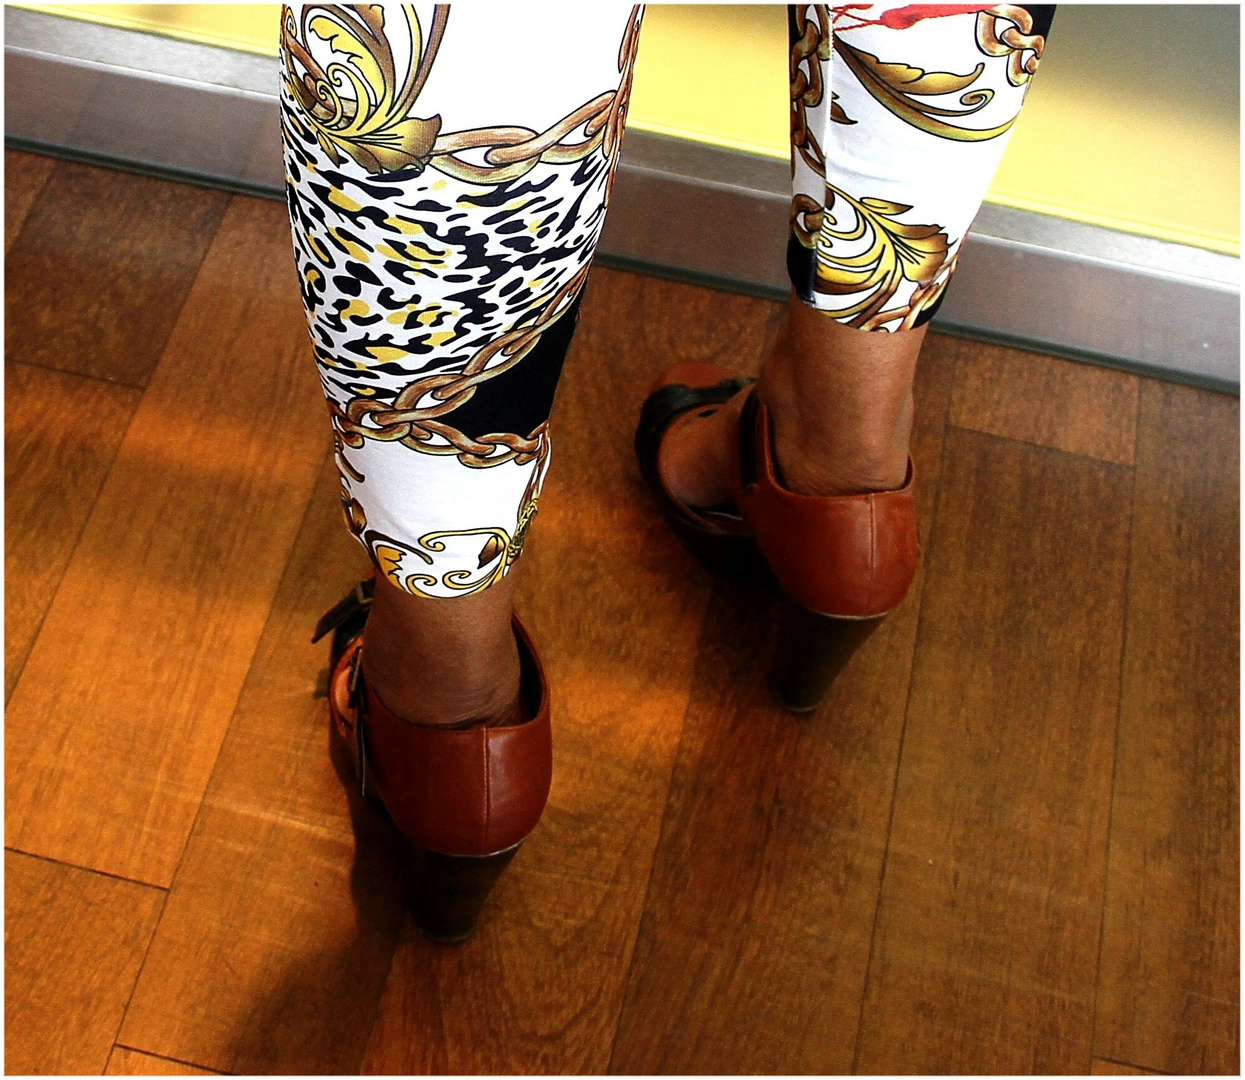 Oldenburg zeigt Bein ... Foto 6